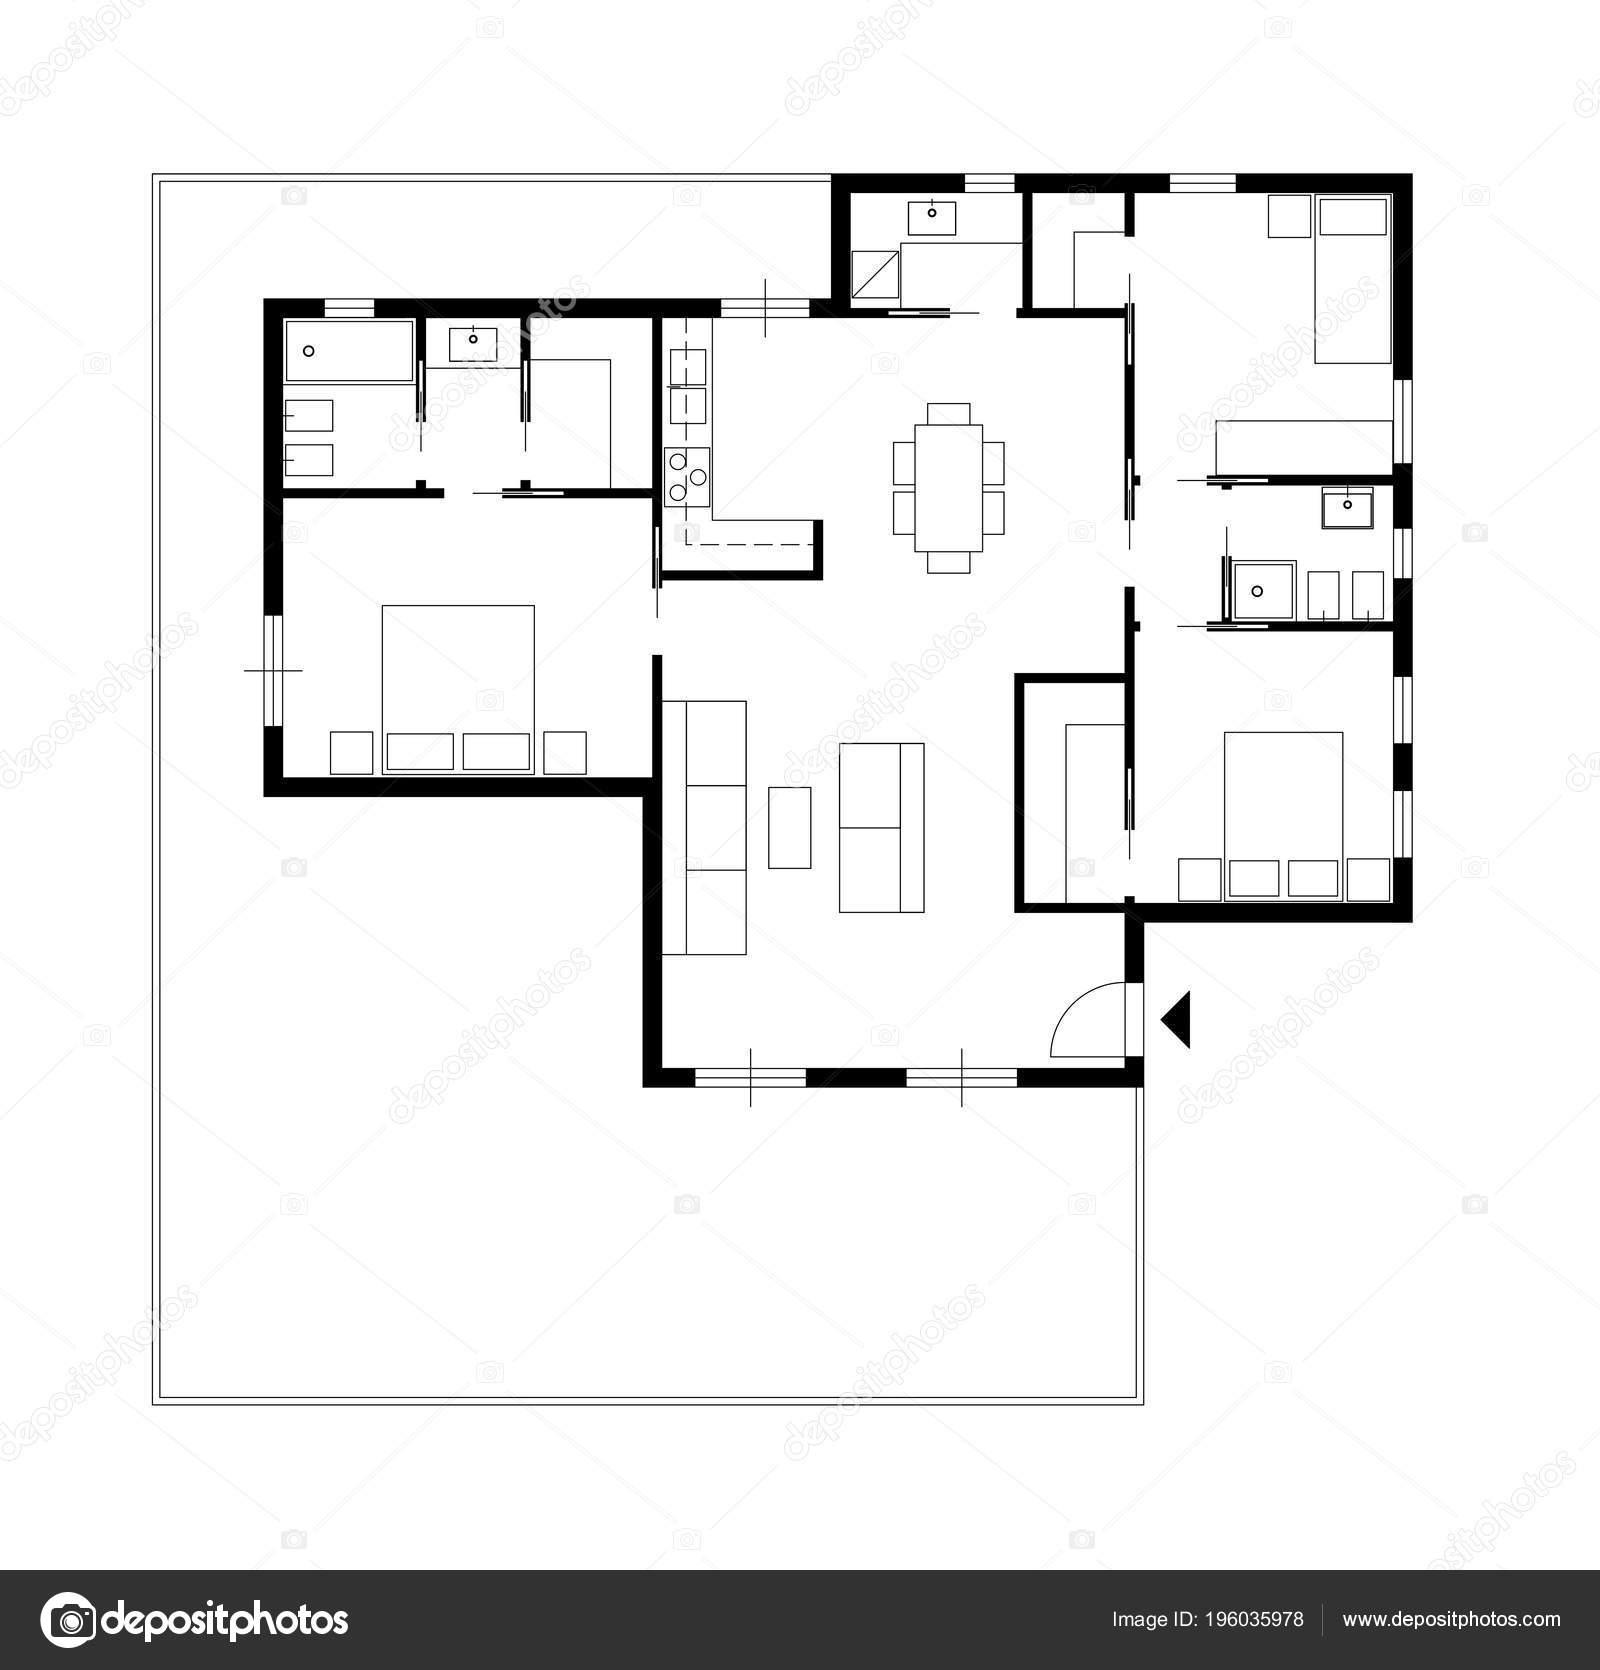 Dessin Architecture Une Maison Privee Avec Cuisine Chambres Salon